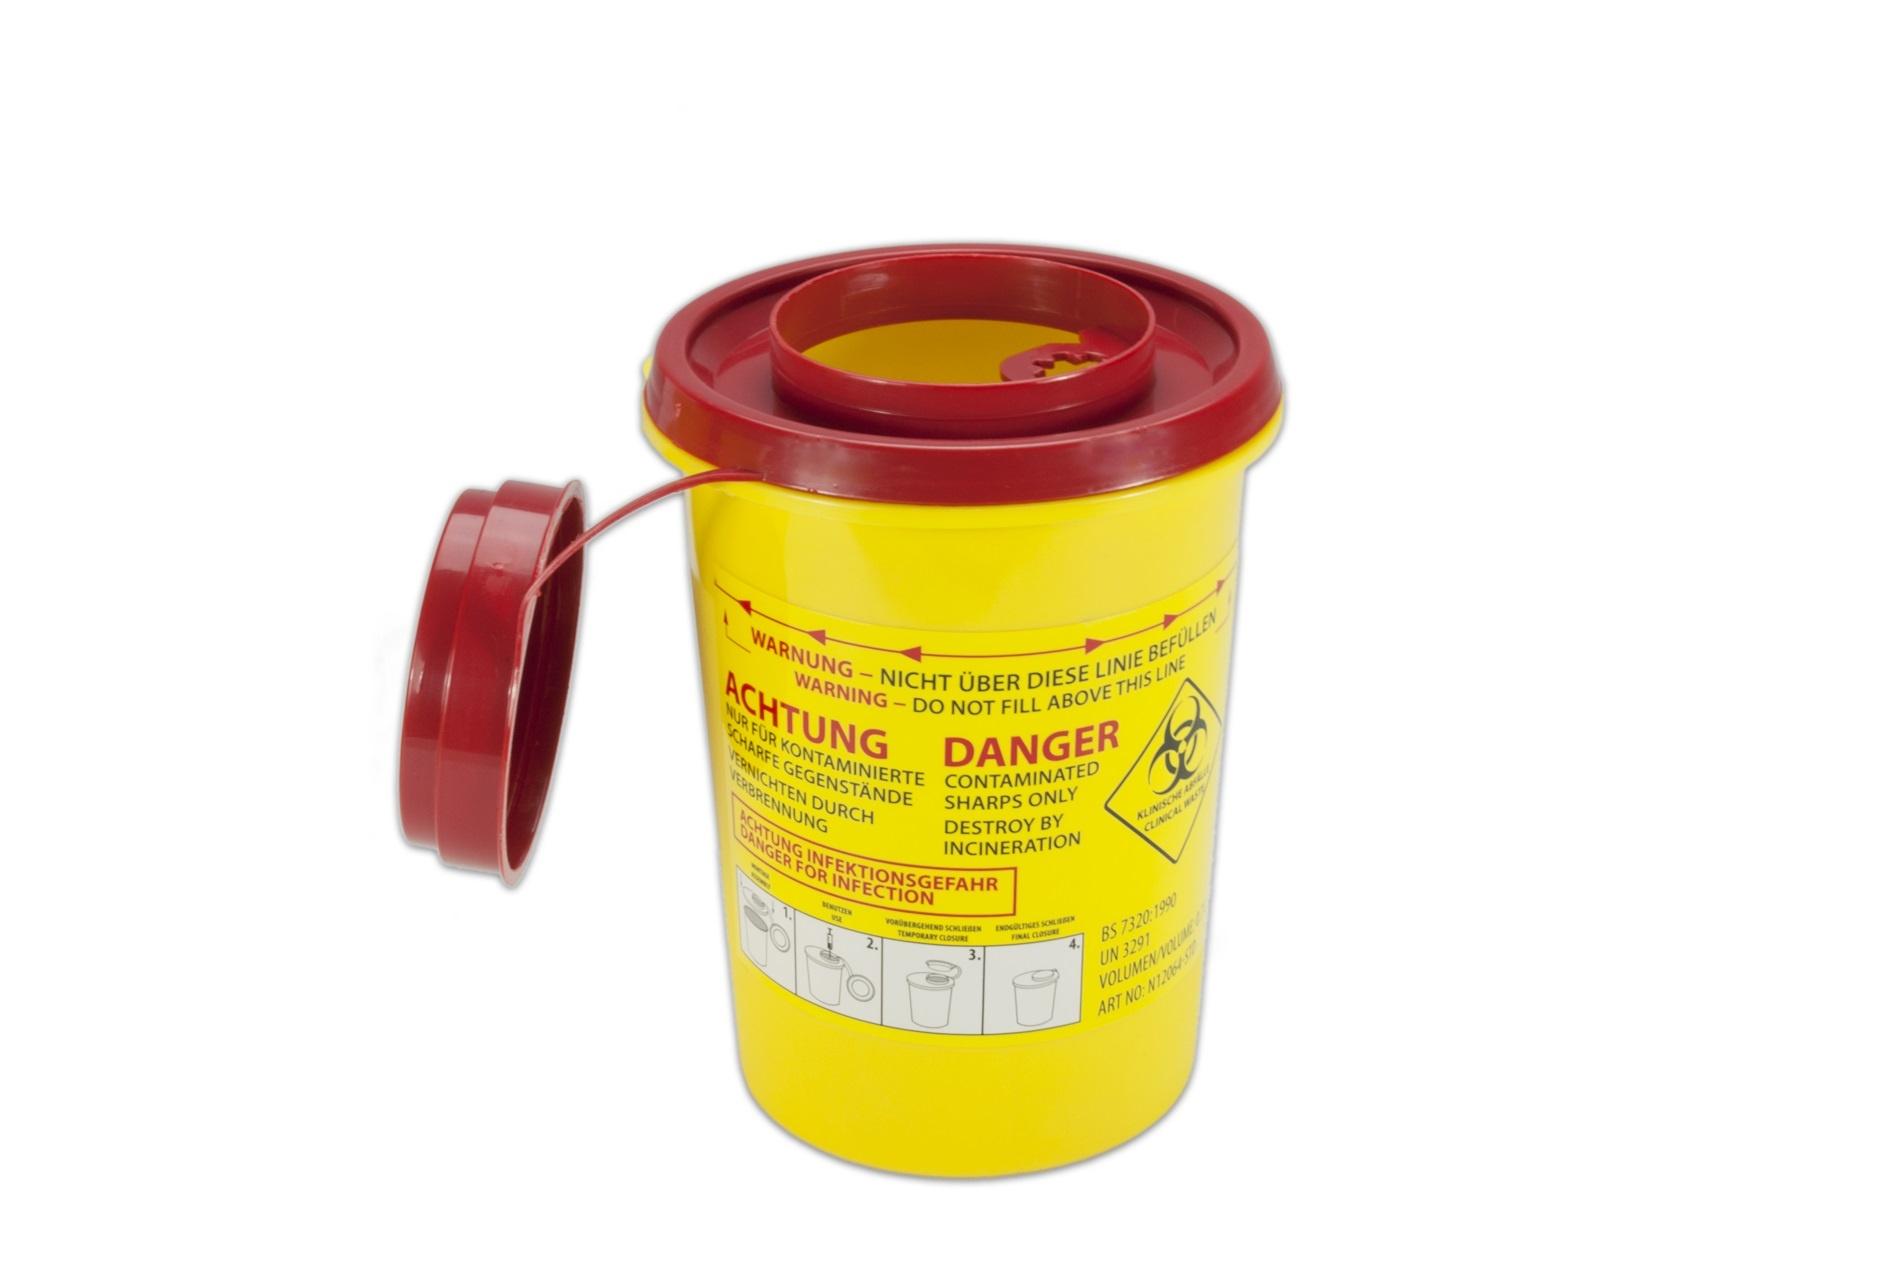 Naaldencontainer 0,7 liter UN 3291 per 1 stuk